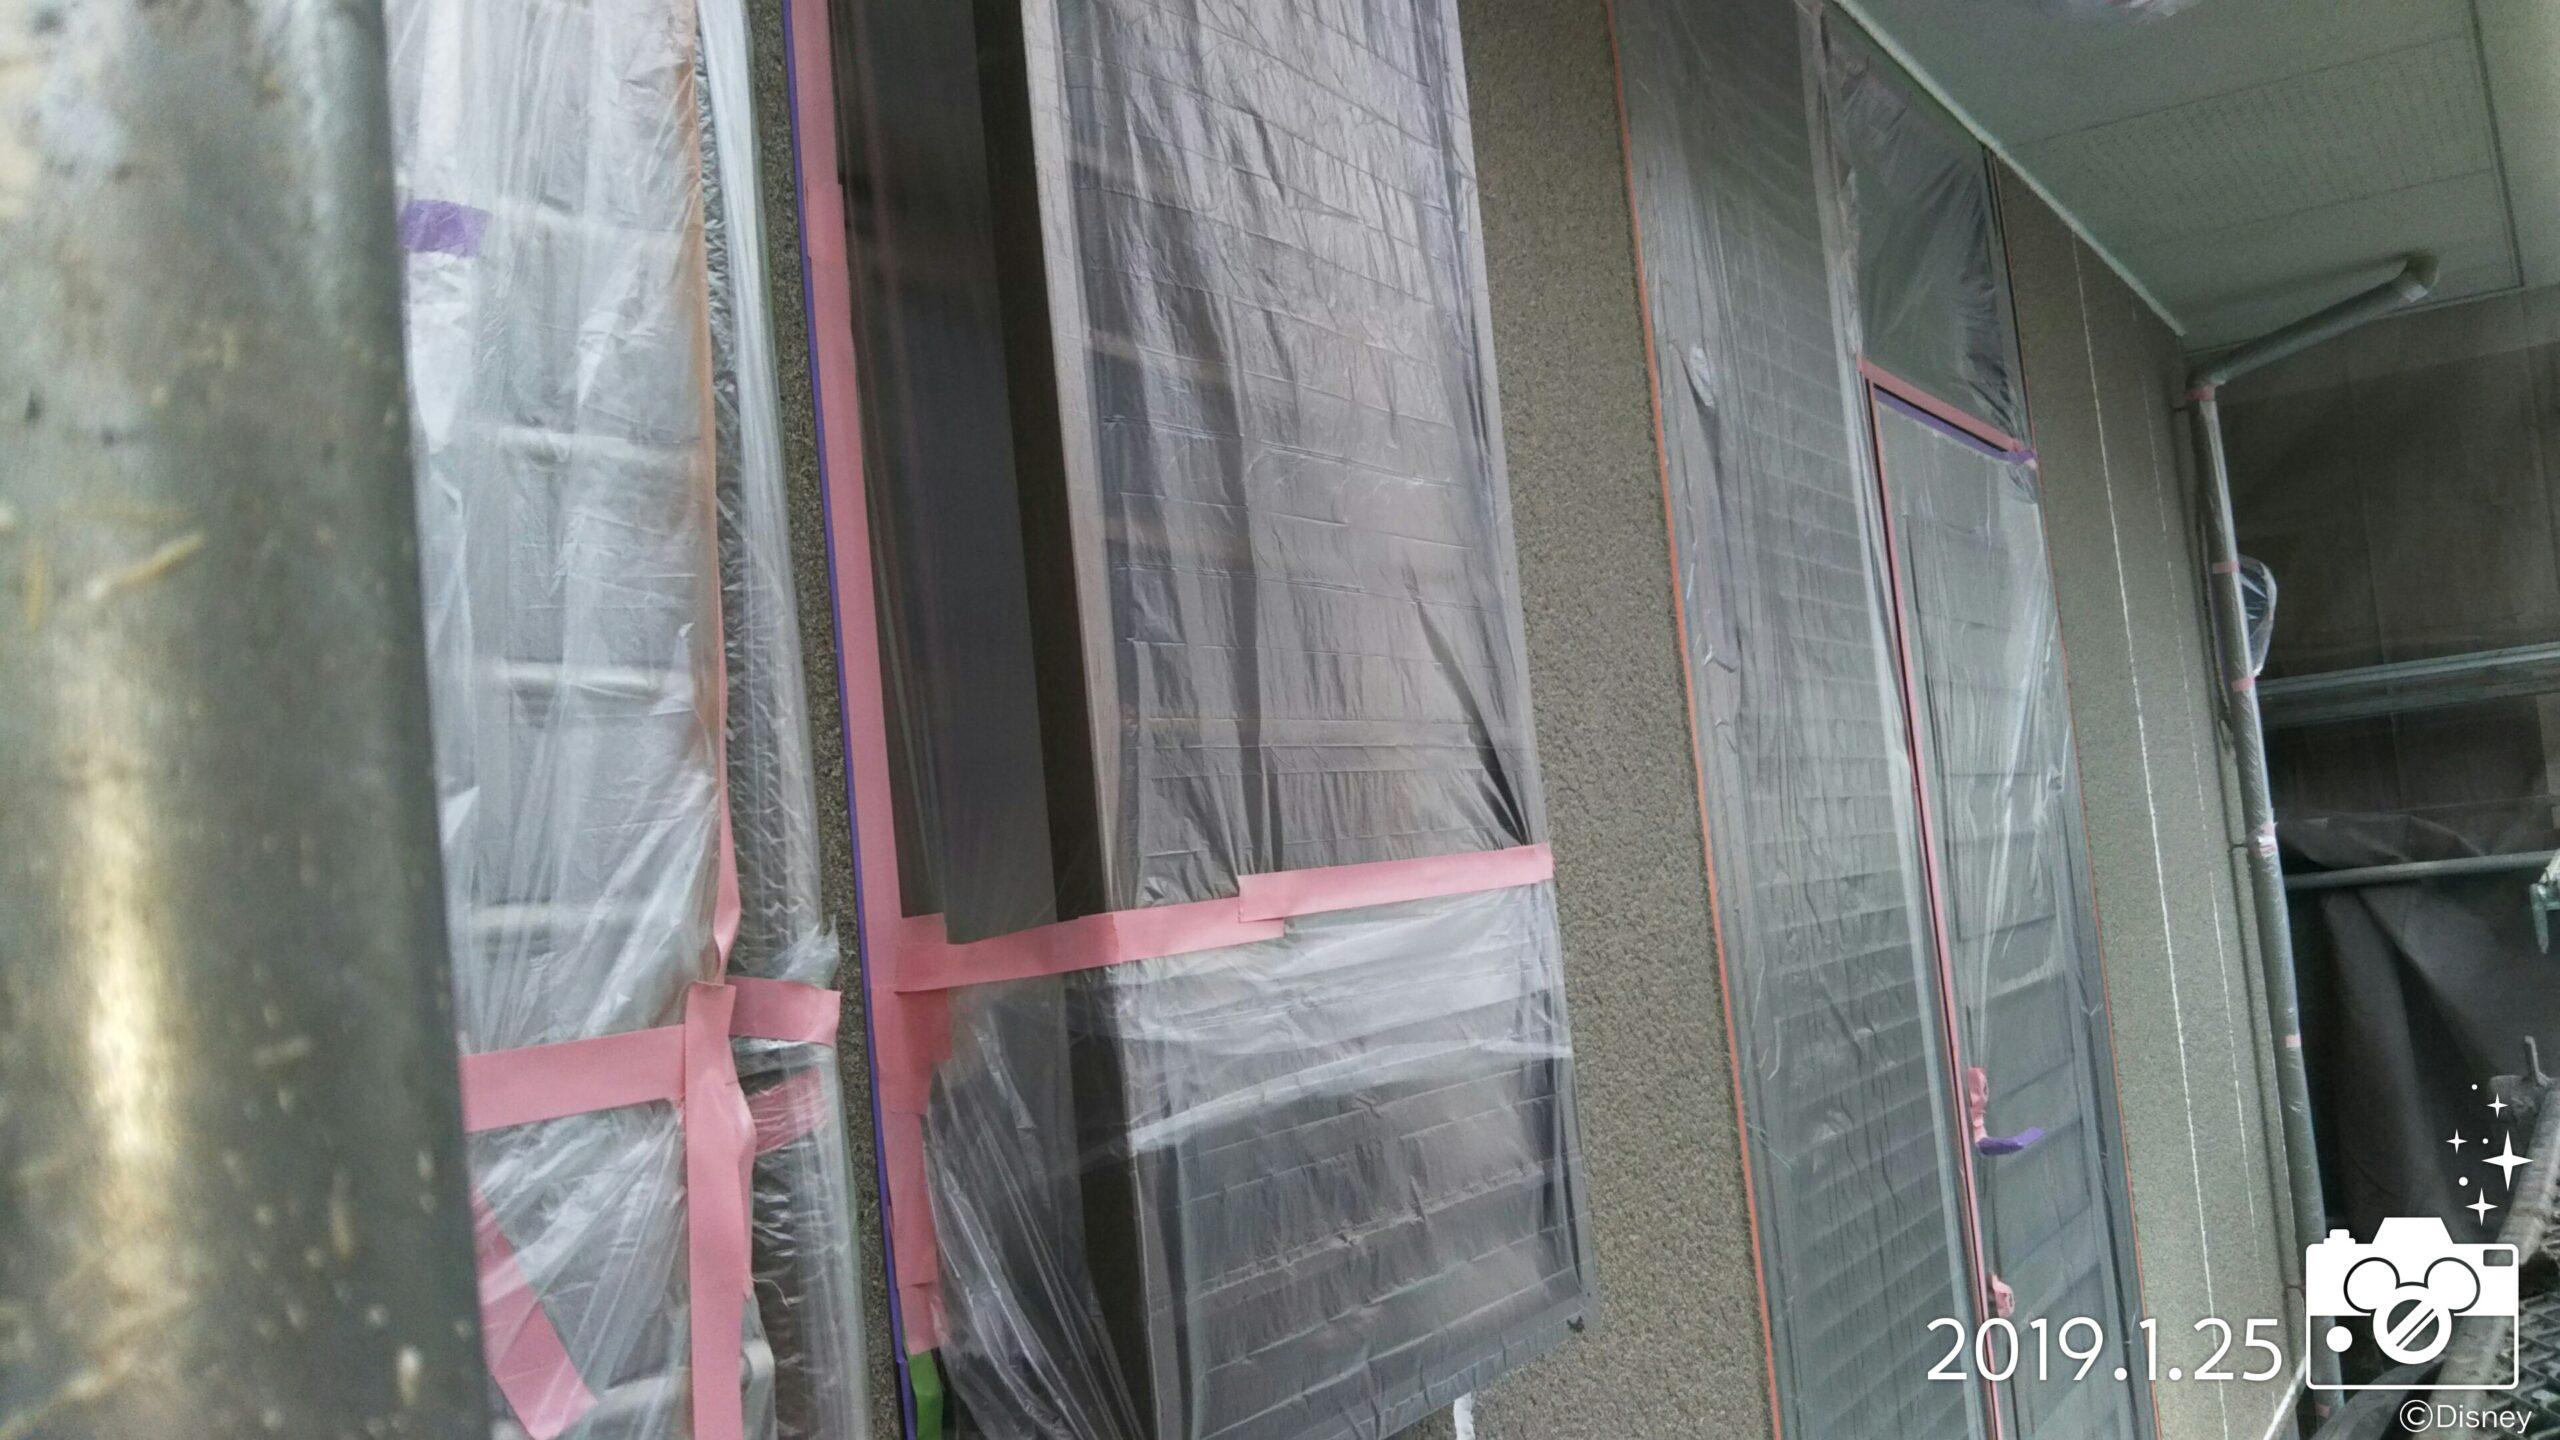 埼玉県さいたま市中央区のT様邸 土間の養生と軒天の塗装工事|(木造2階建て)にて塗り替えリフォーム中